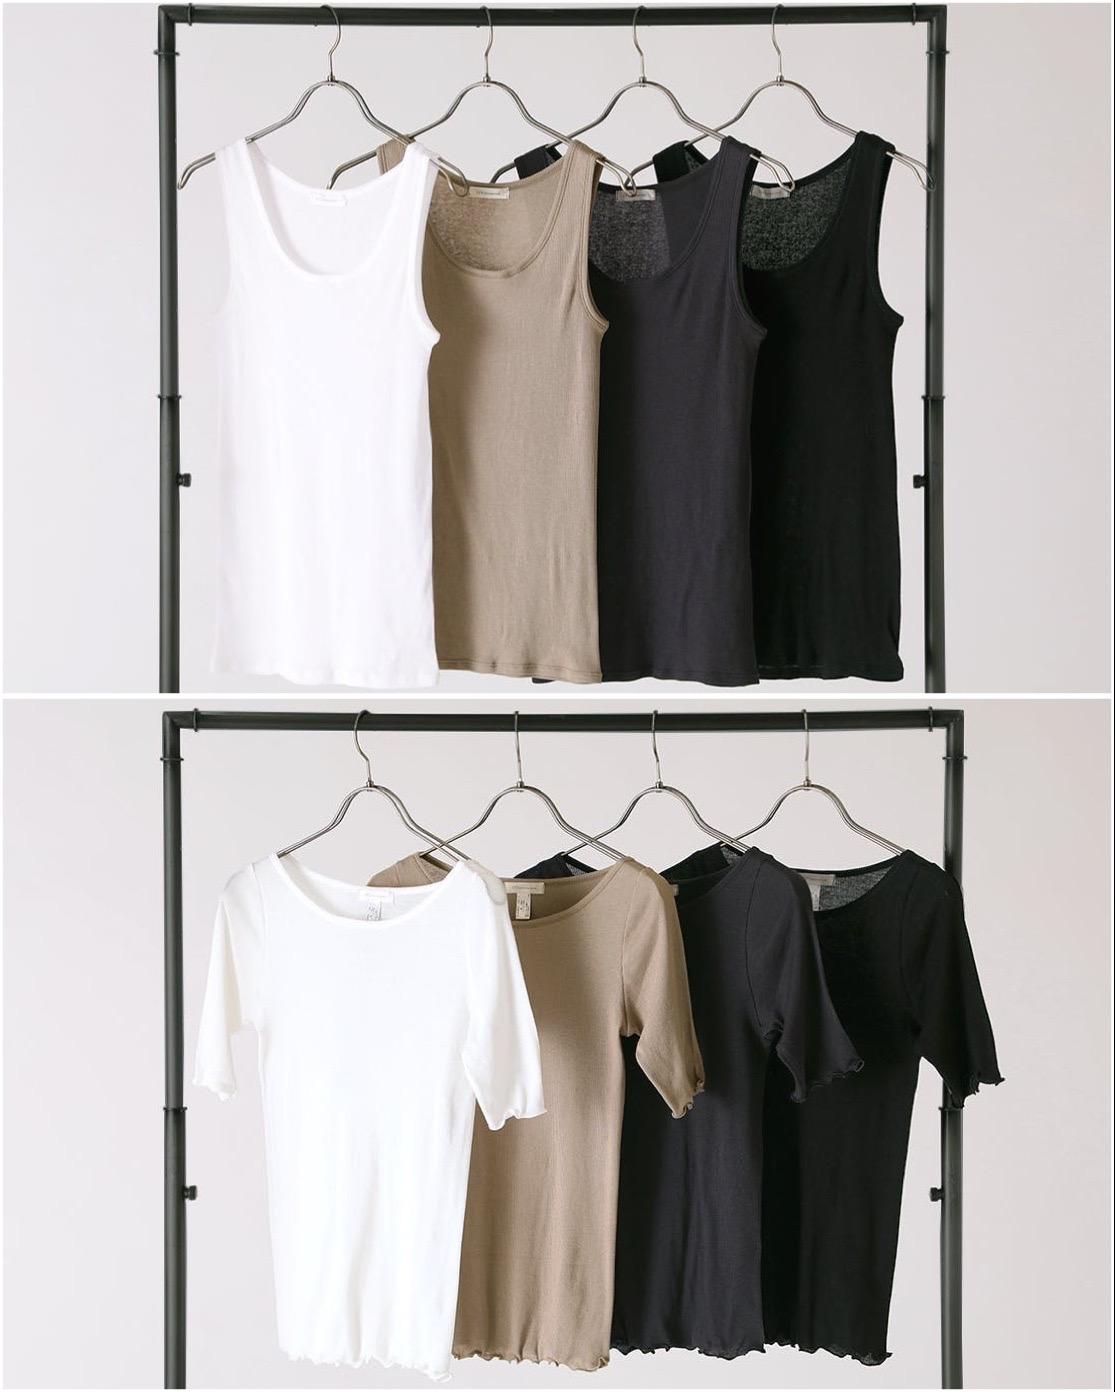 クラウンファンディングのリターンで購入できる、綿・カシミヤタンクトップと綿・カシミヤ半袖カットソー